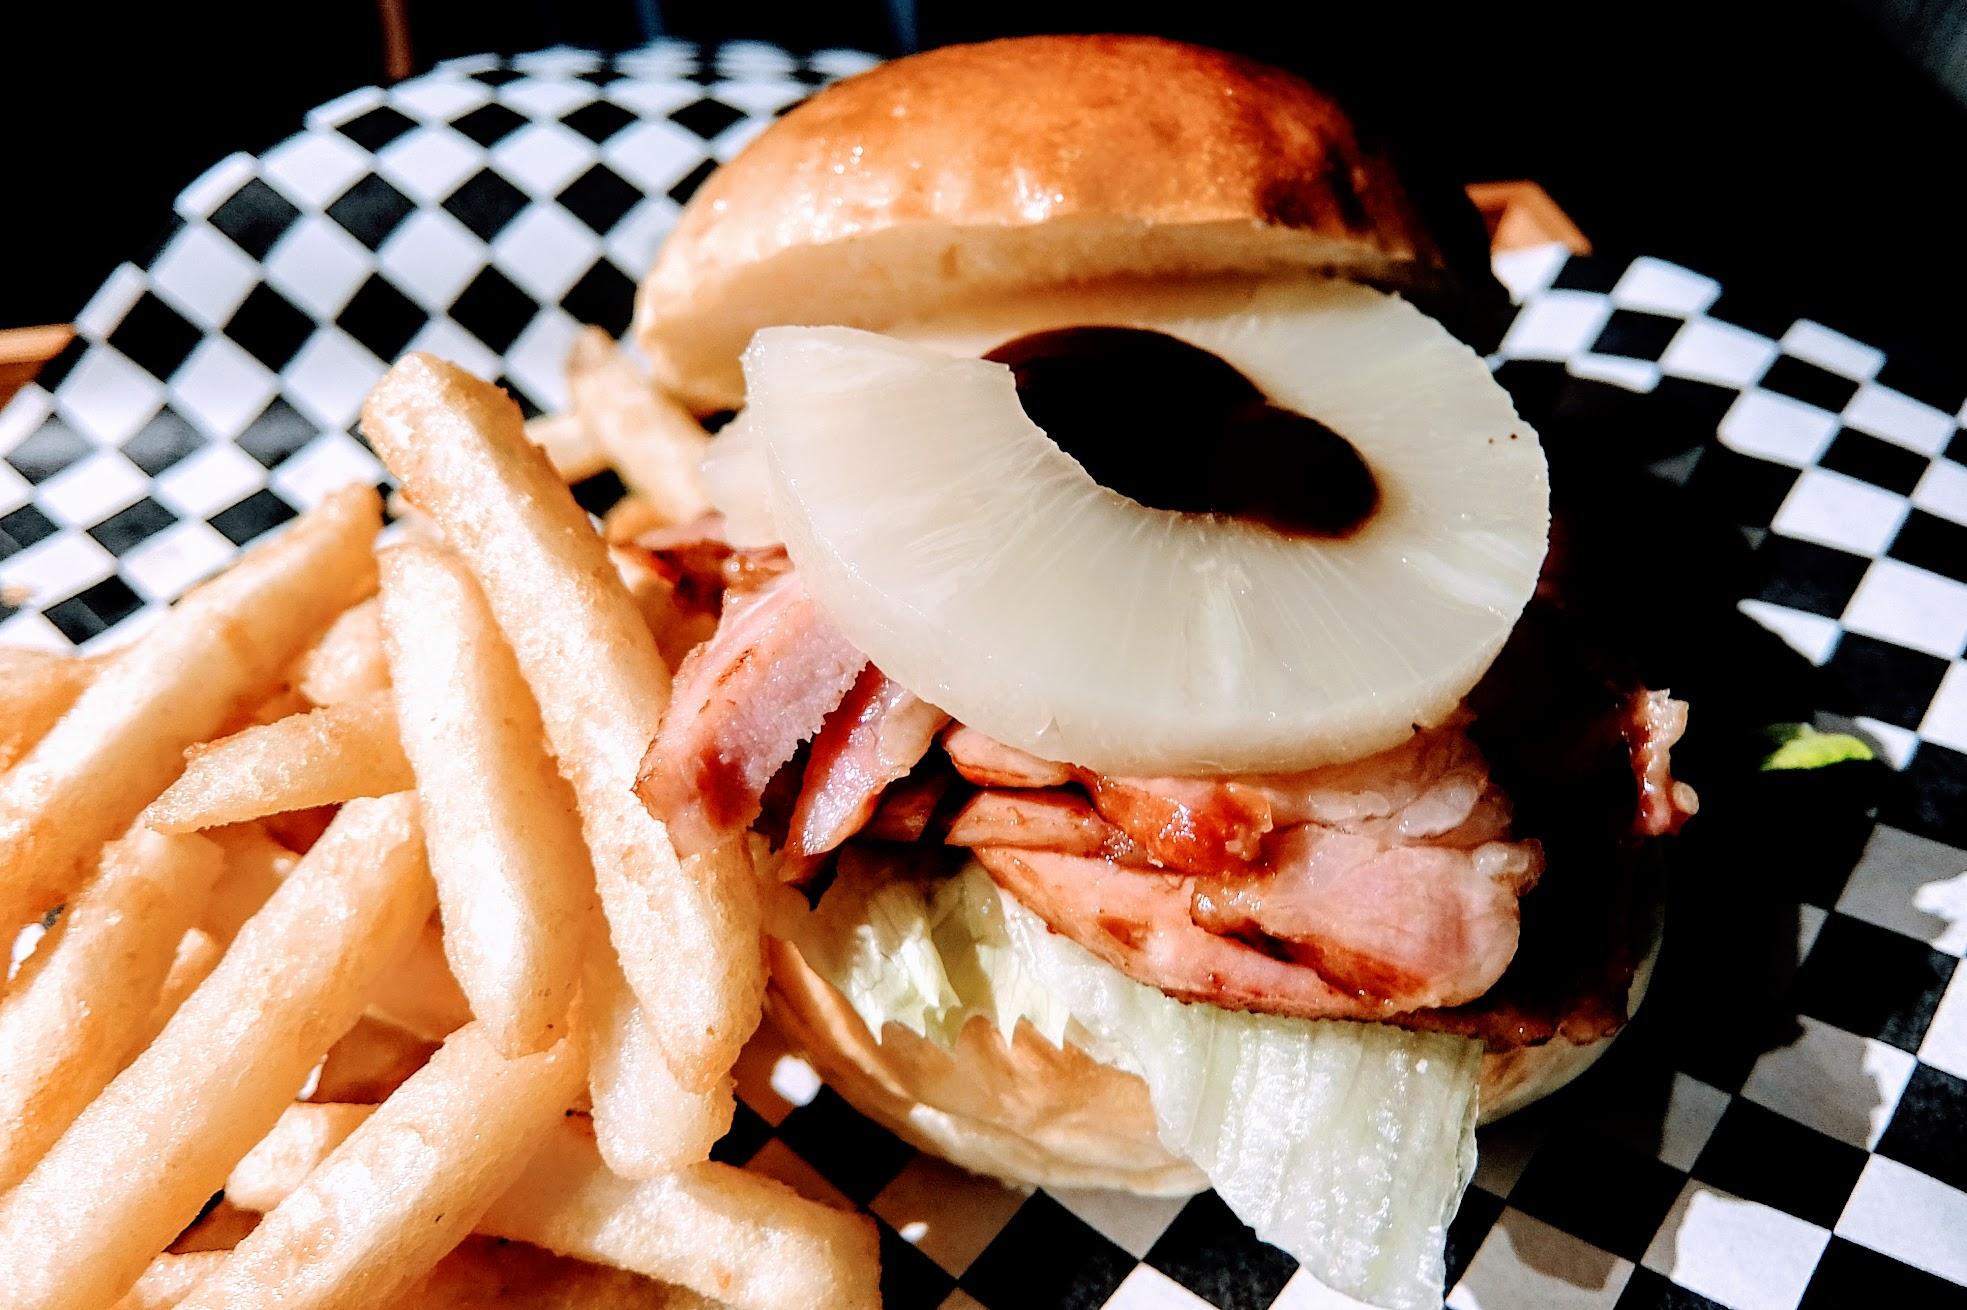 不是牛肉的人,唯一首選就是這個漢堡啦! 上頭有鳳梨片,底下的豬肉片頗像培根肉的,但還不錯吃!